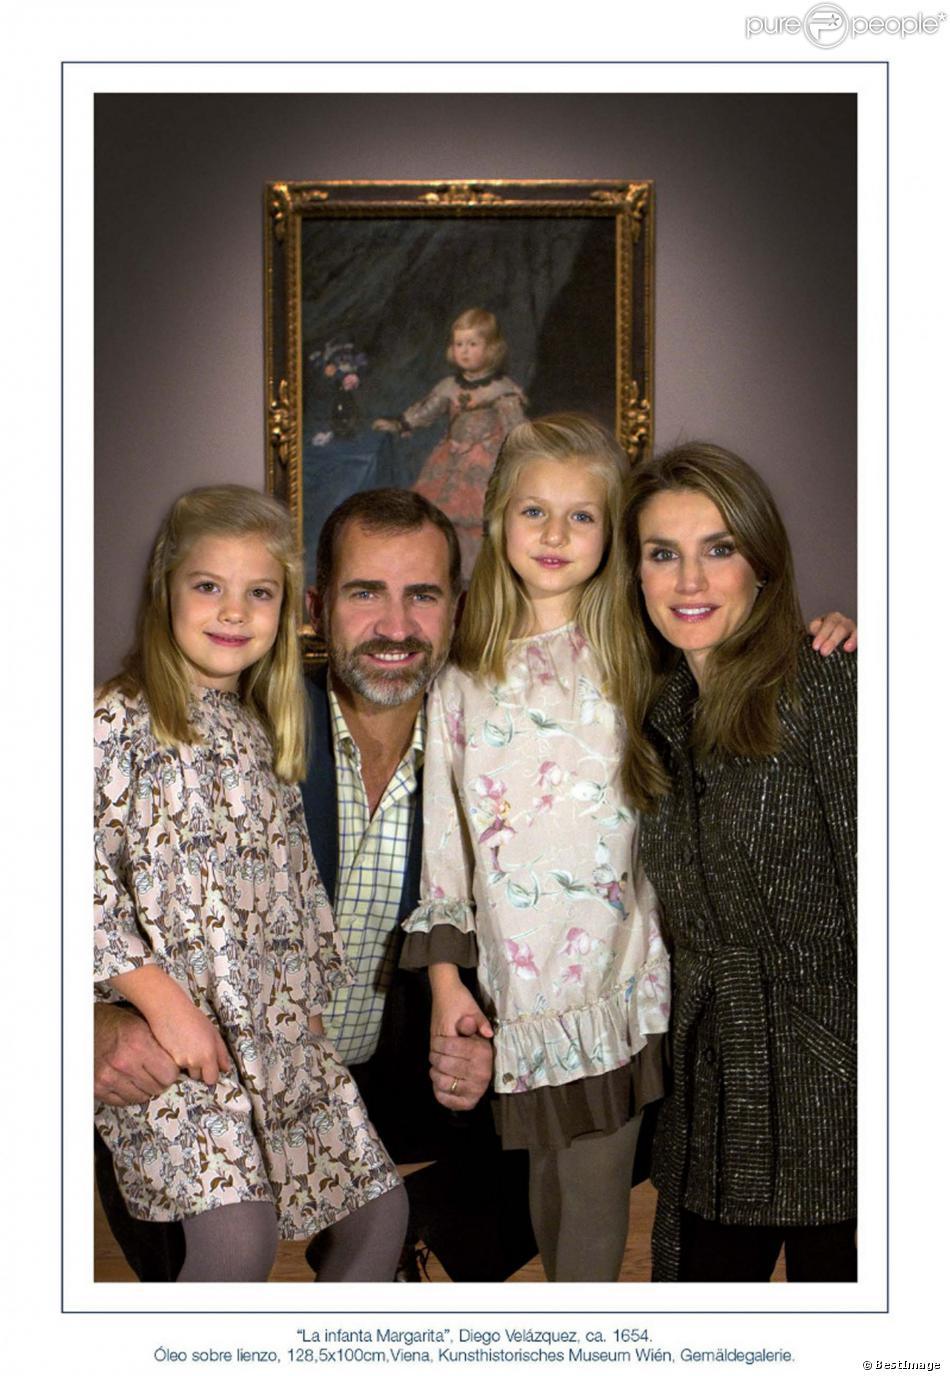 Le prince Felipe et la princesse Letizia d'Espagne ont posé au musée du Prado avec leurs filles Leonor et Sofia, devant L'Infanta Margarita de Velazquez, pour leur carte de voeux 2013 dévoilée le 16 décembre.